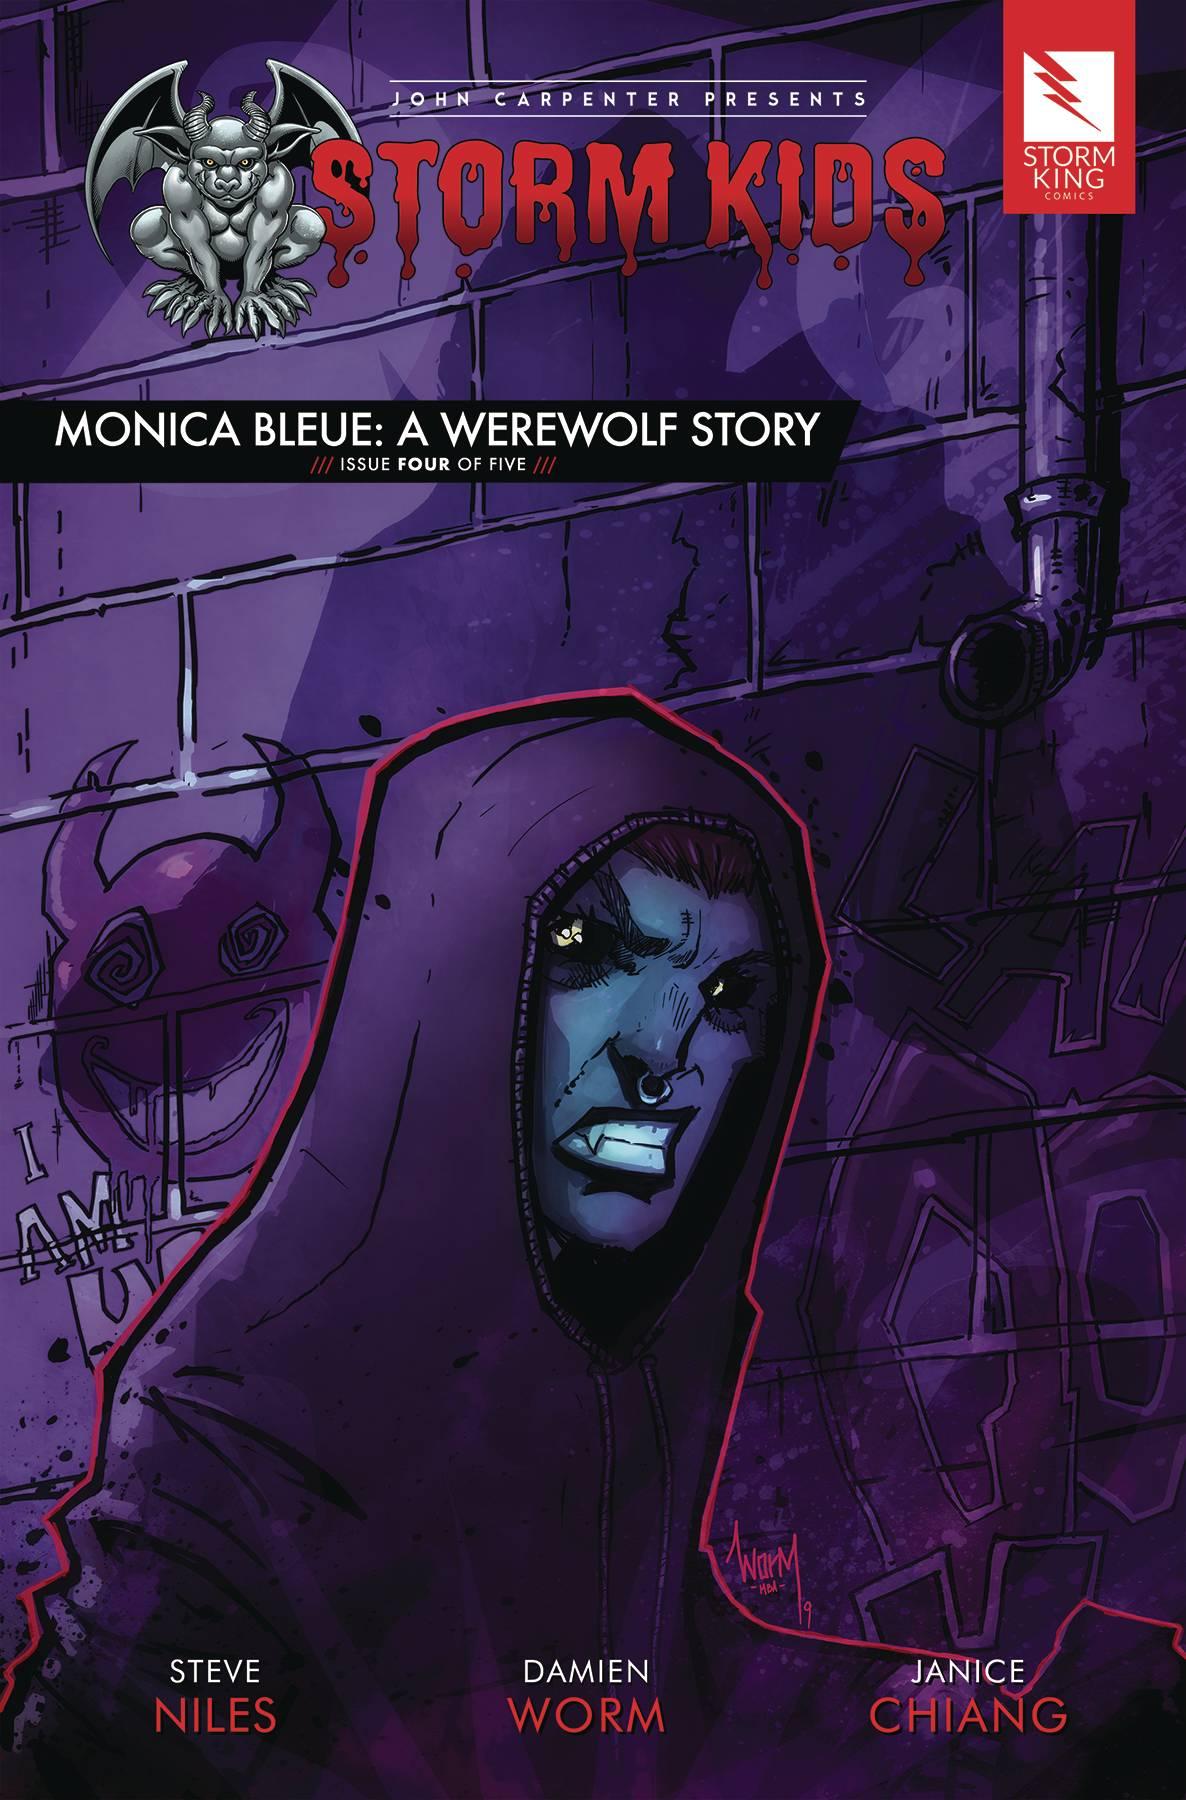 Storm Kids: Monica Bleue - A Werewolf Story #4 (2020)